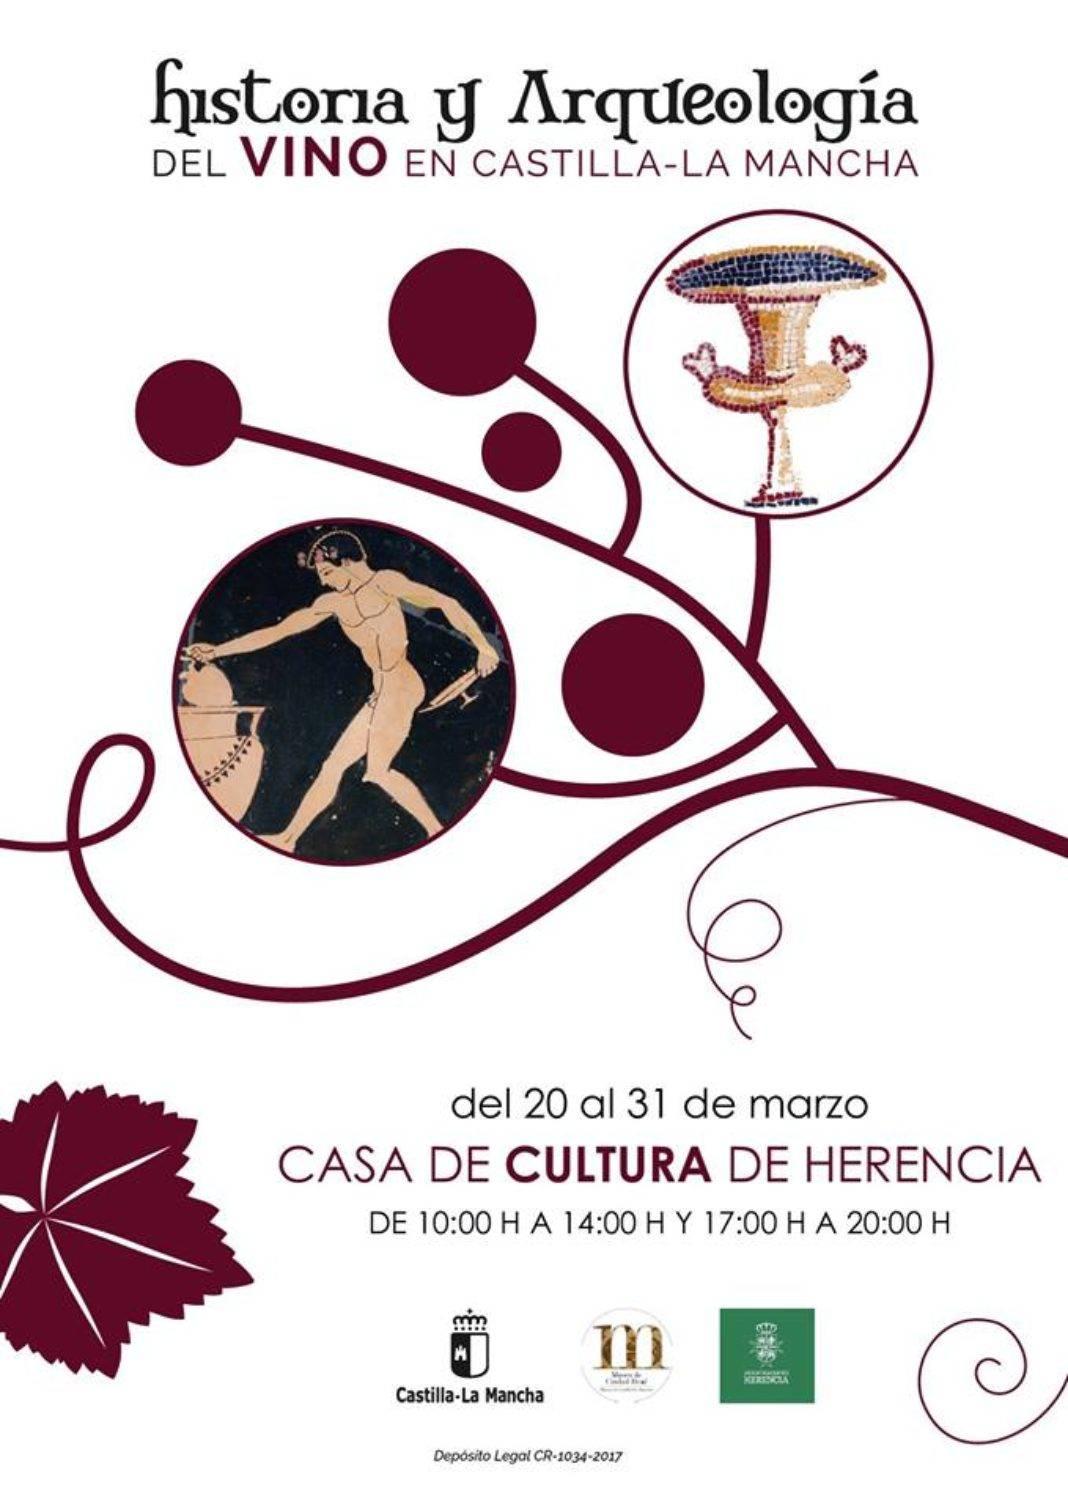 Herencia acoge una exposición sobre la historia del vino 7